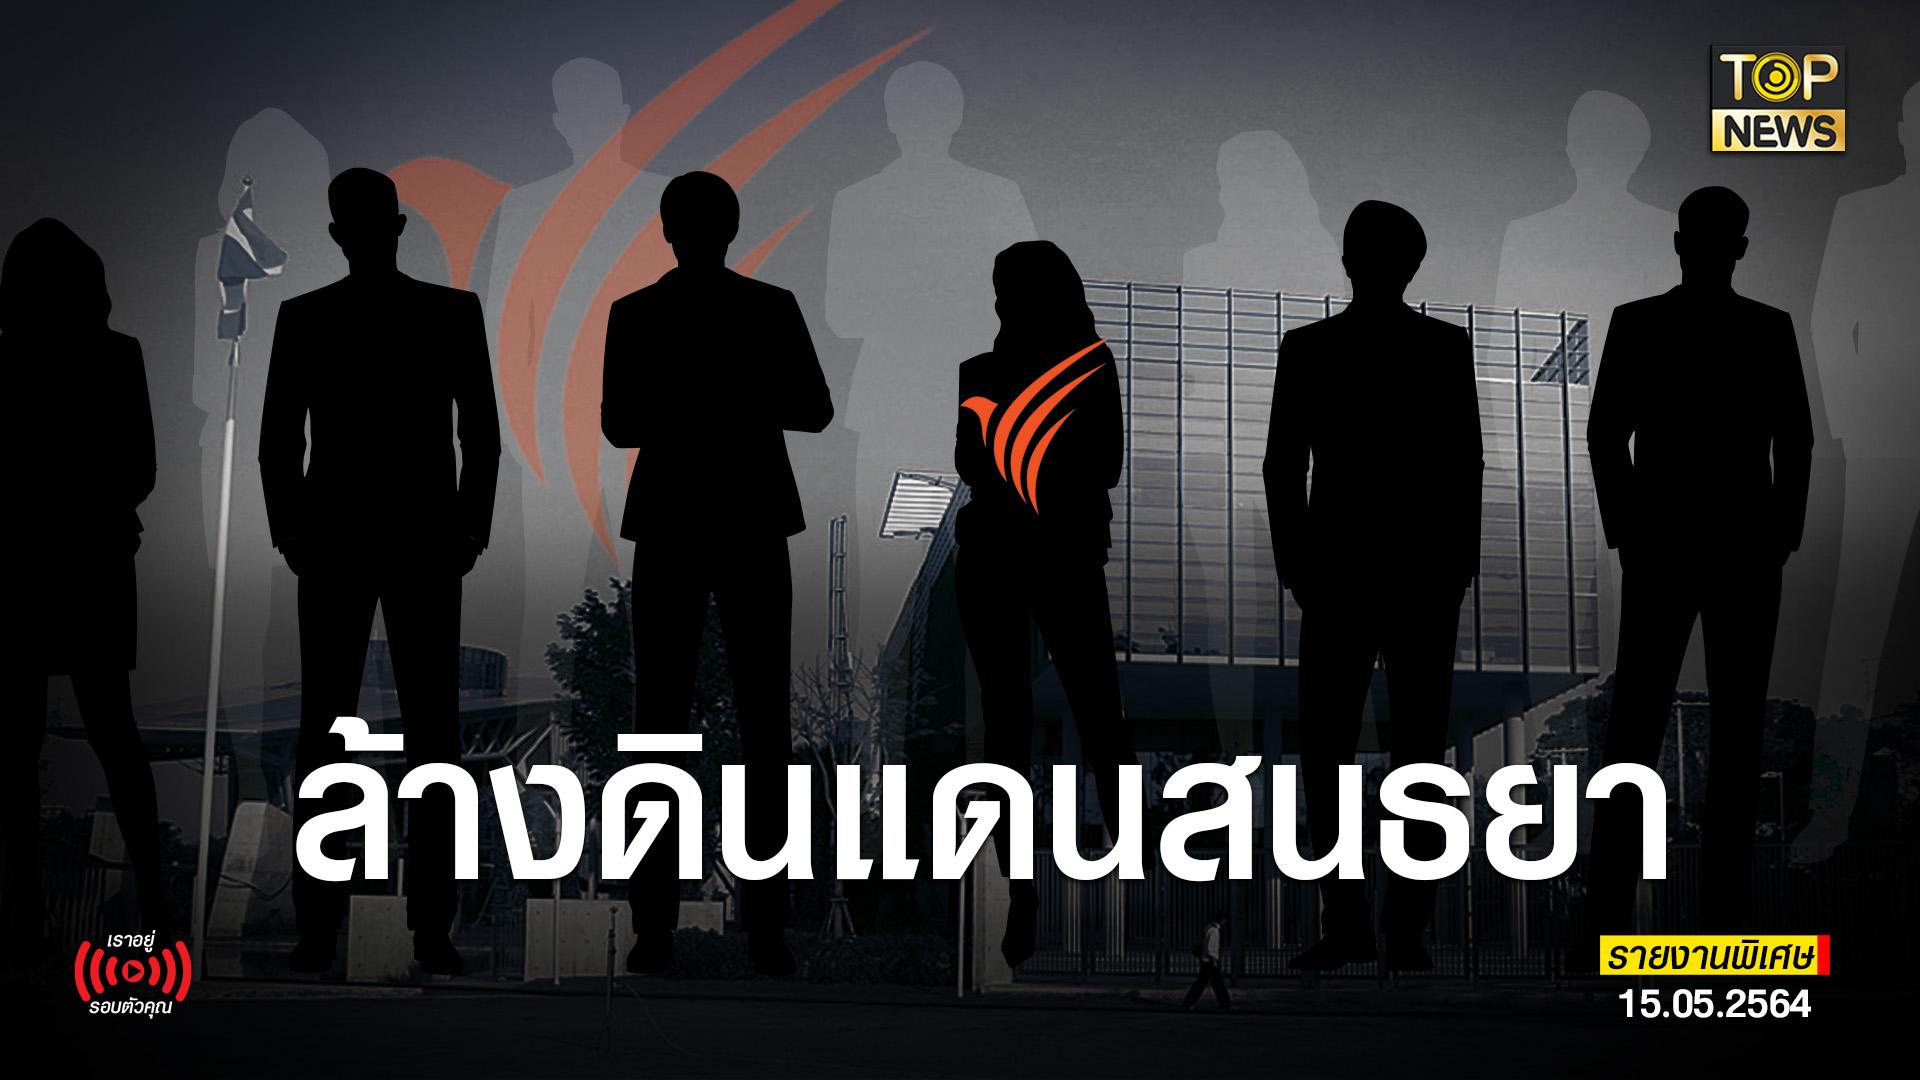 เสียงเตือนจากคนนอก ความมัวหมองในไทยพีบีเอส EP.2